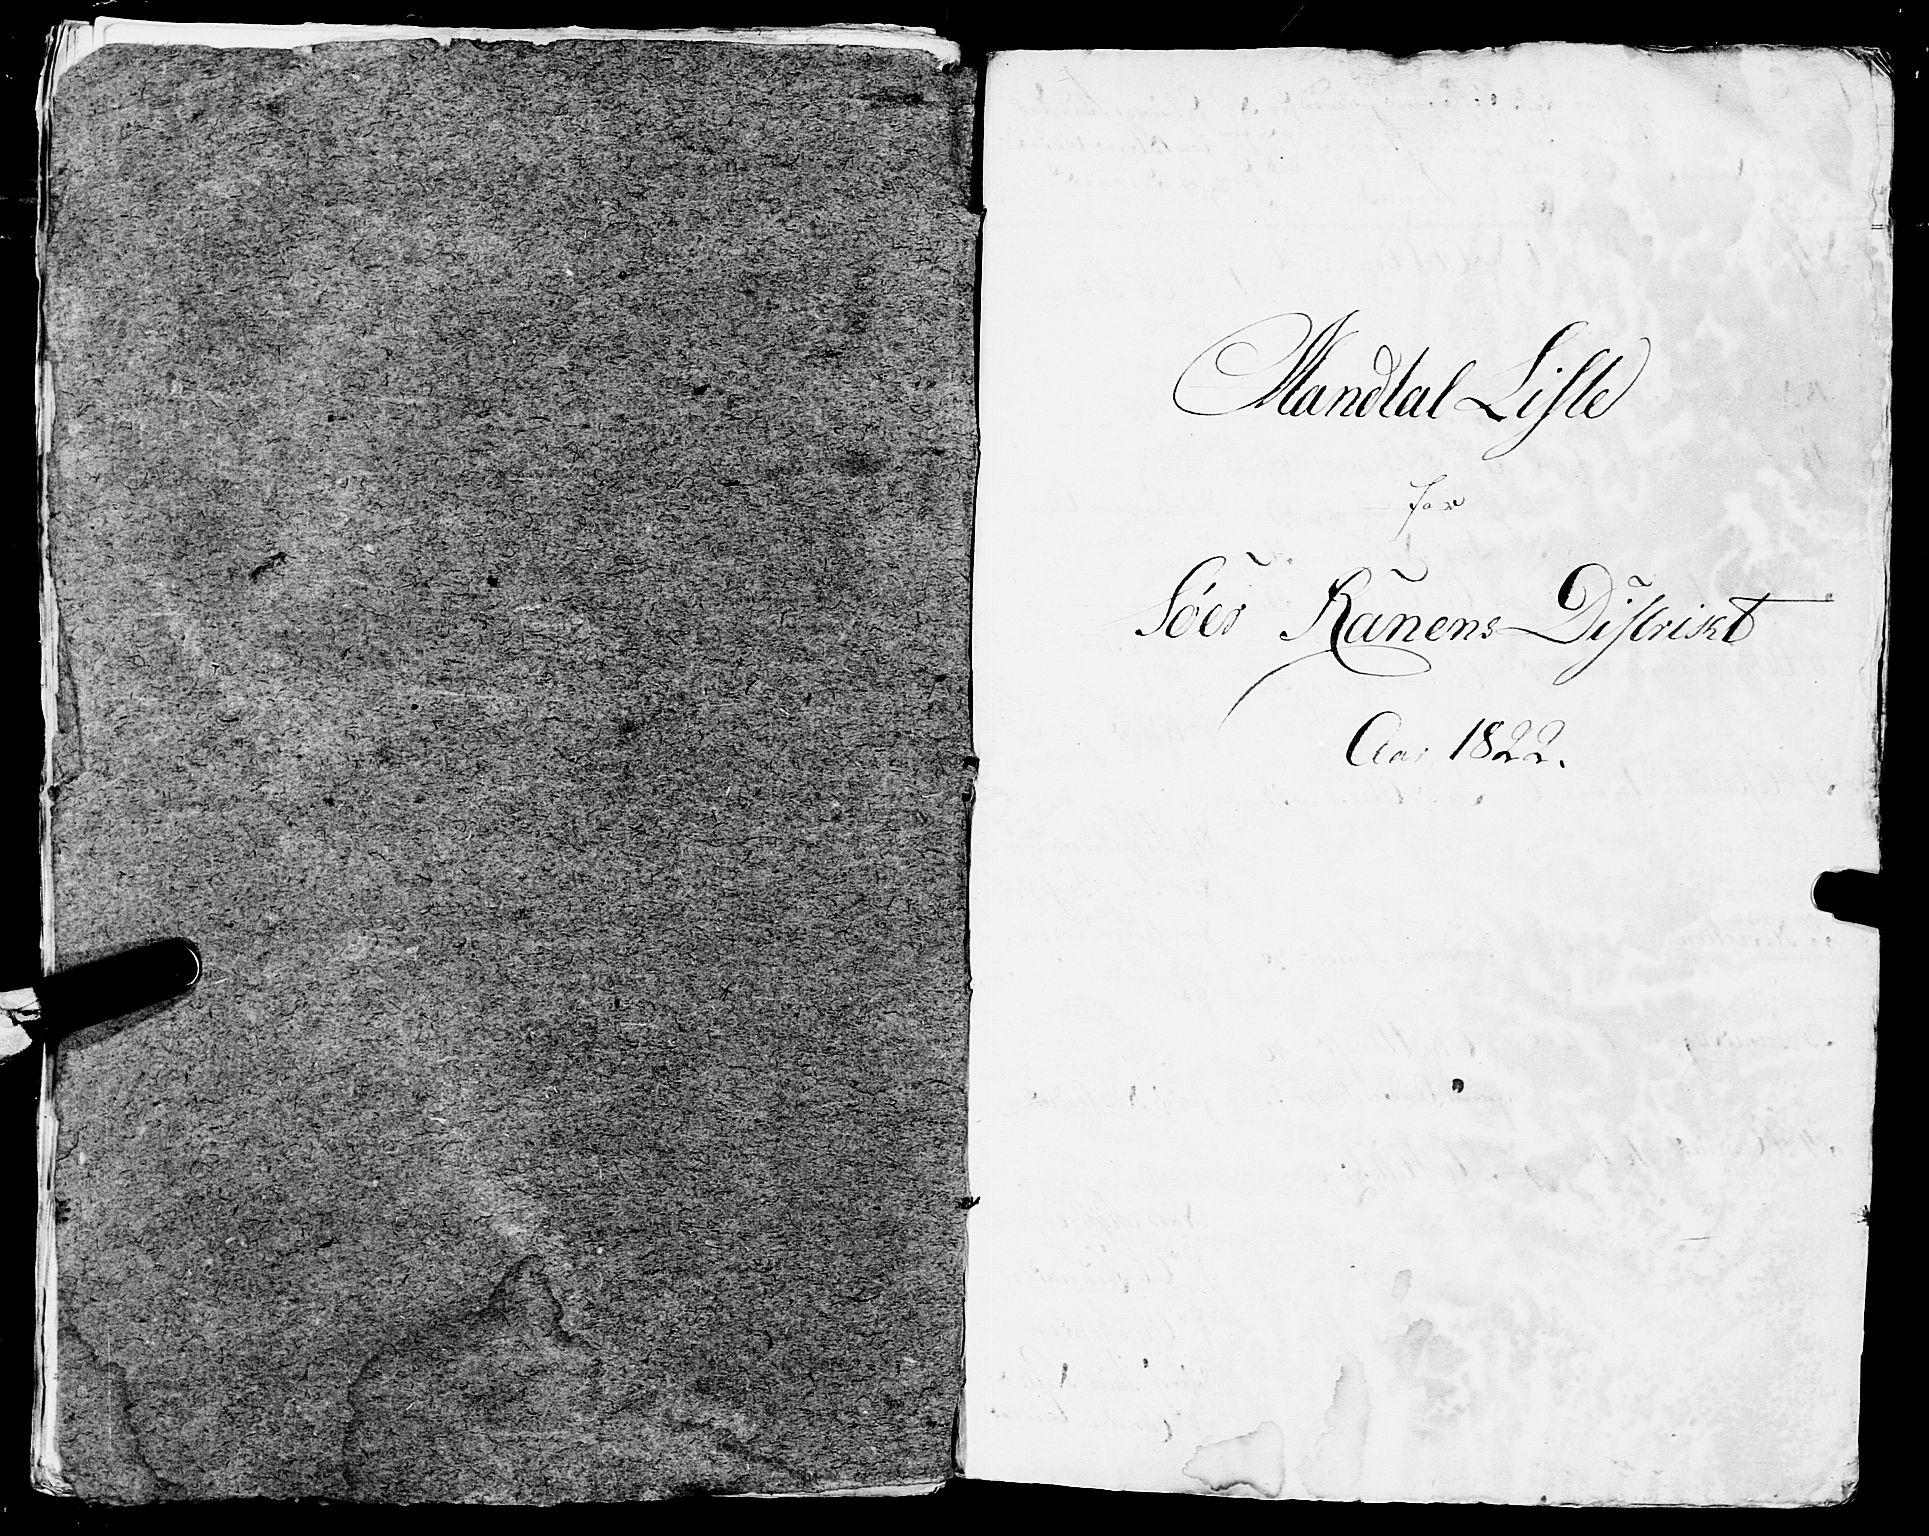 SAT, Fylkesmannen i Nordland, R/RA/L0013: Innrulleringsmanntall for Hemnes (Sør-Rana), 1809-1835, p. 128